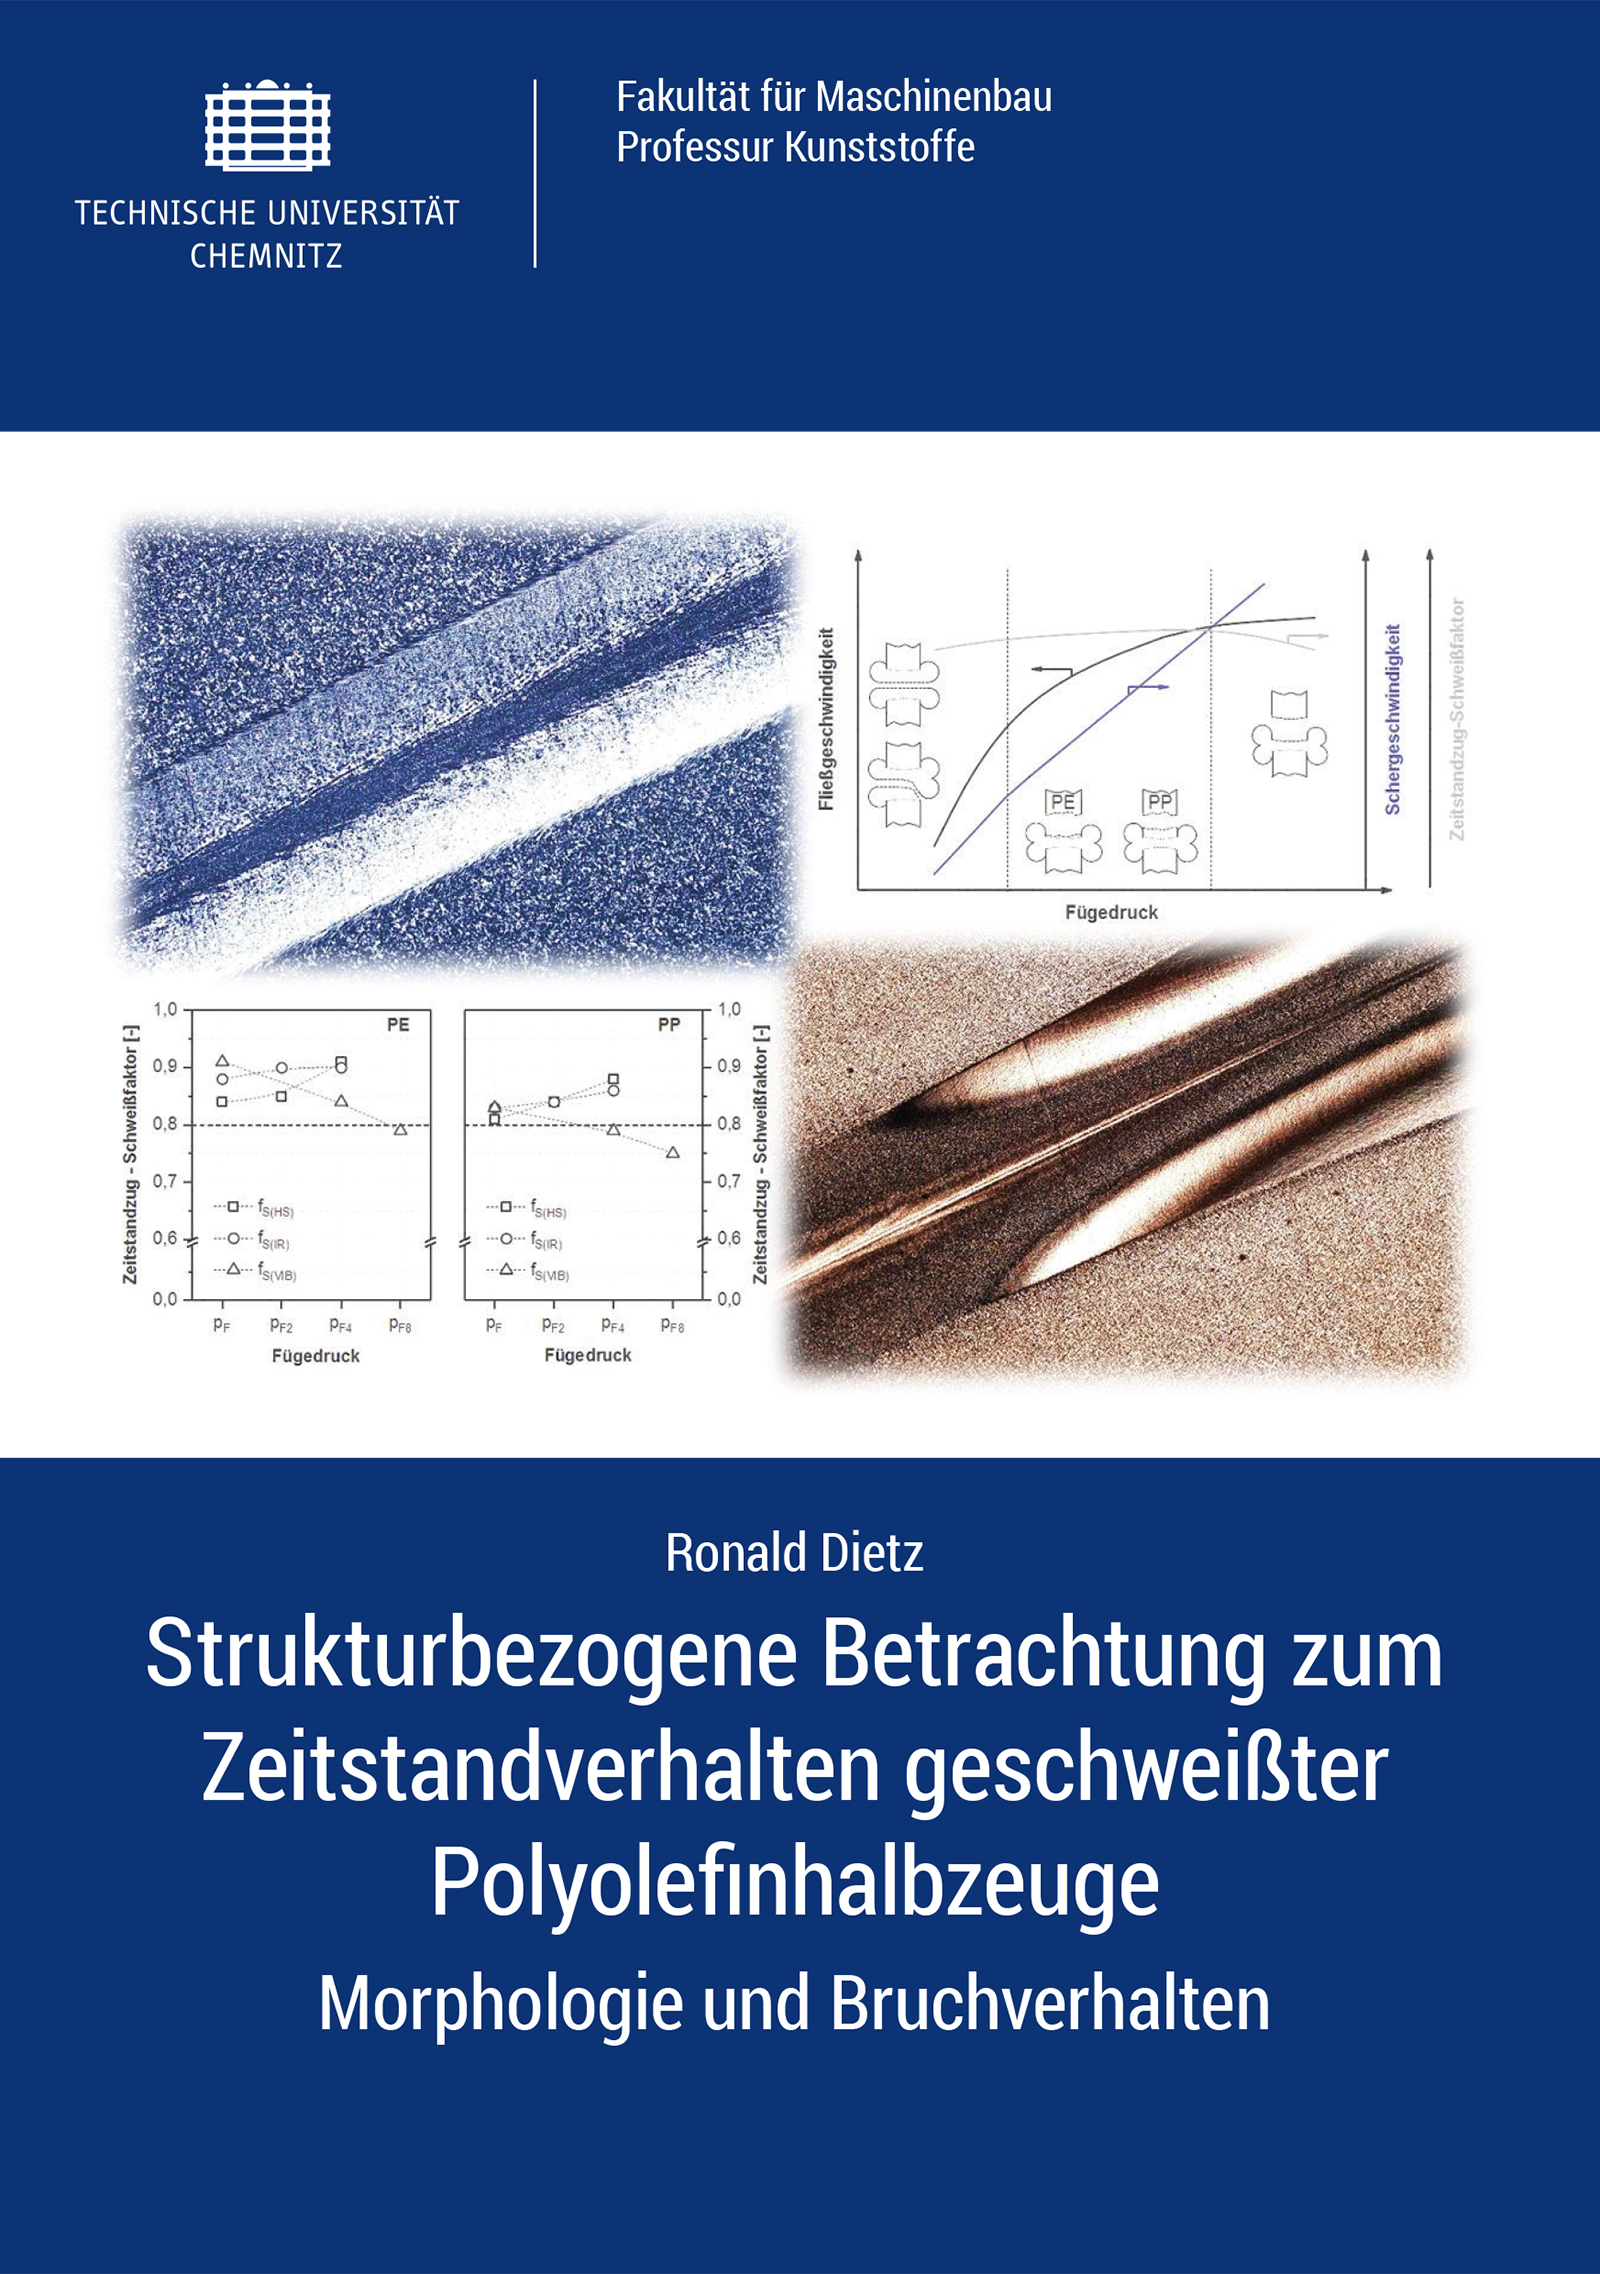 Cover: Strukturbezogene Betrachtung zum Zeitstandverhalten geschweißter Polyolefinhalbzeuge : Morphologie und Bruchverhalten